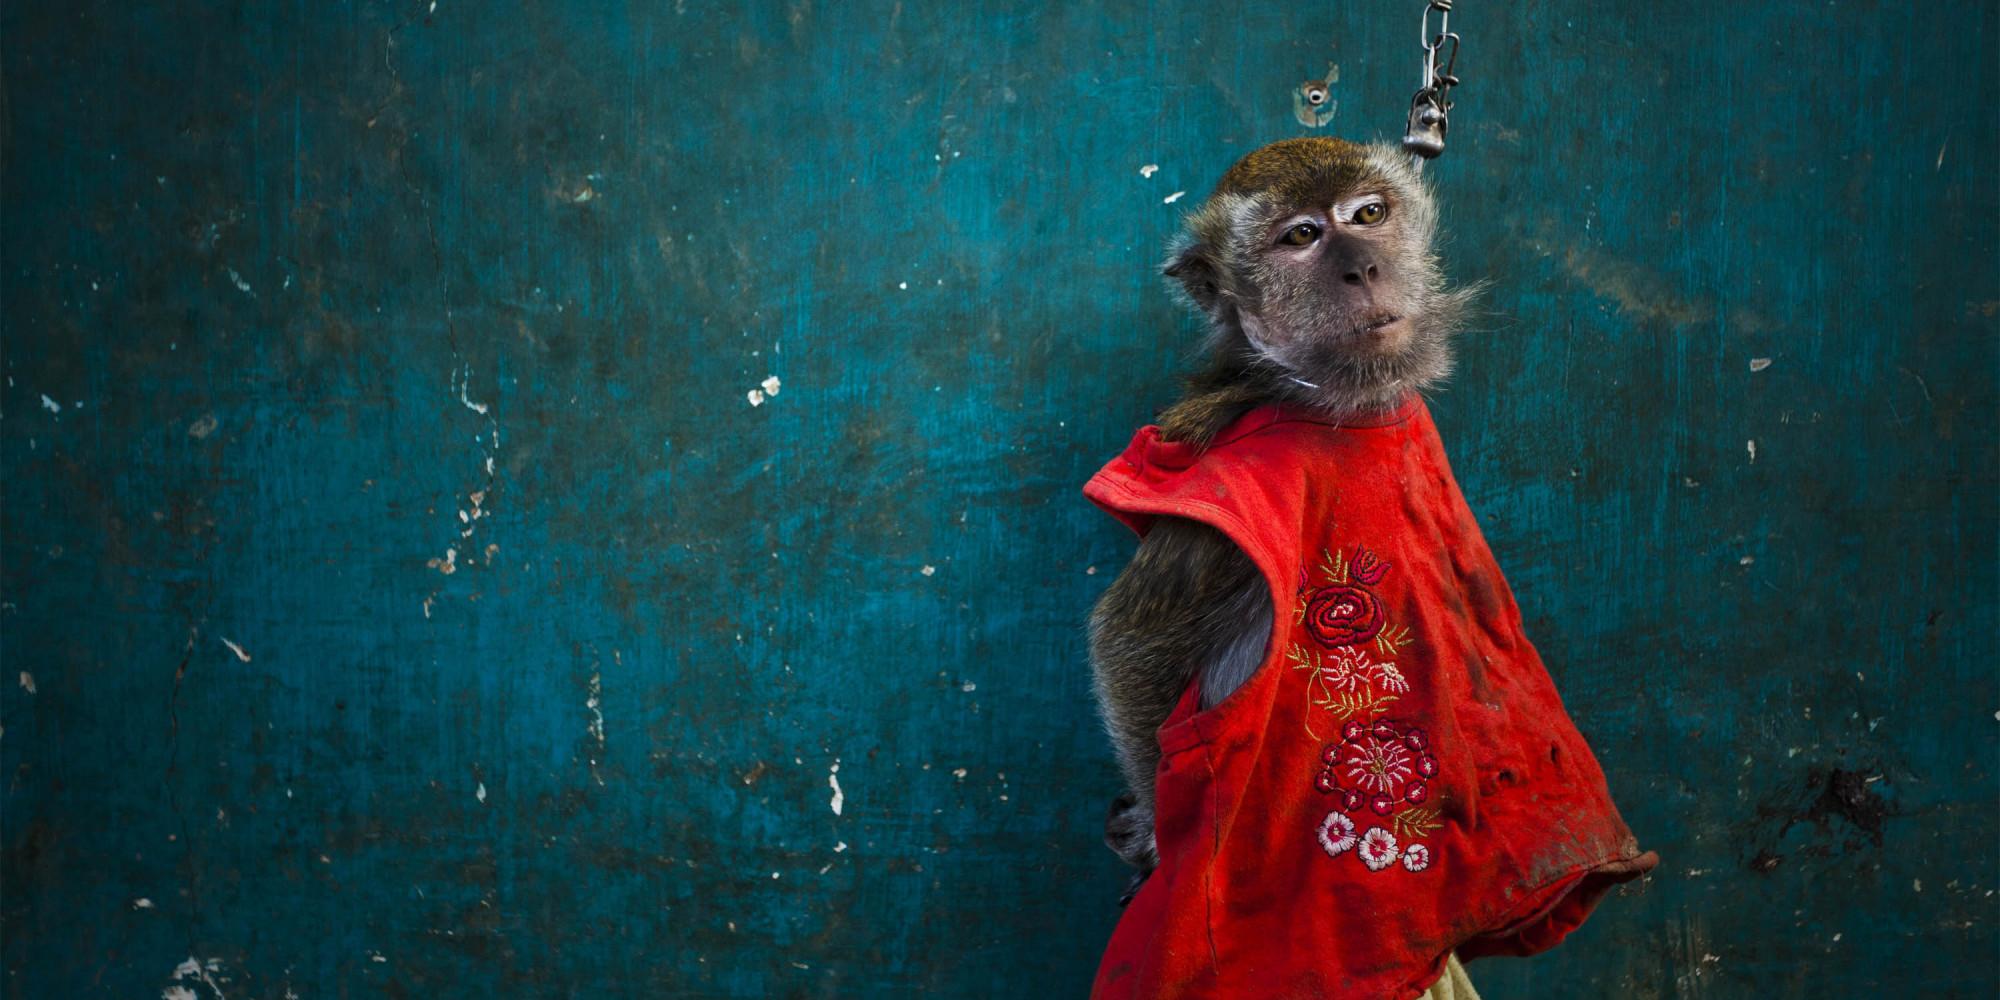 Animal Abuse Monkeys to Stop Animal Abuse